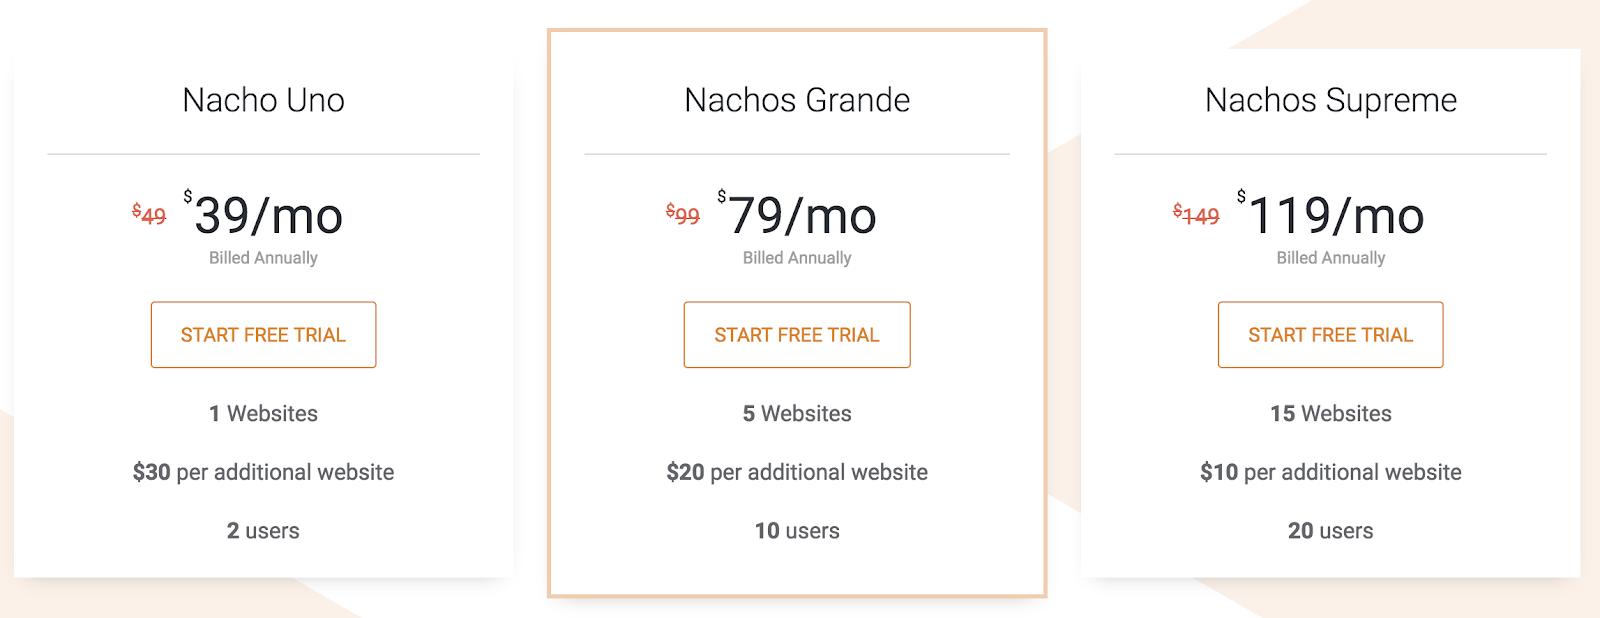 nacho-analytics-pricing